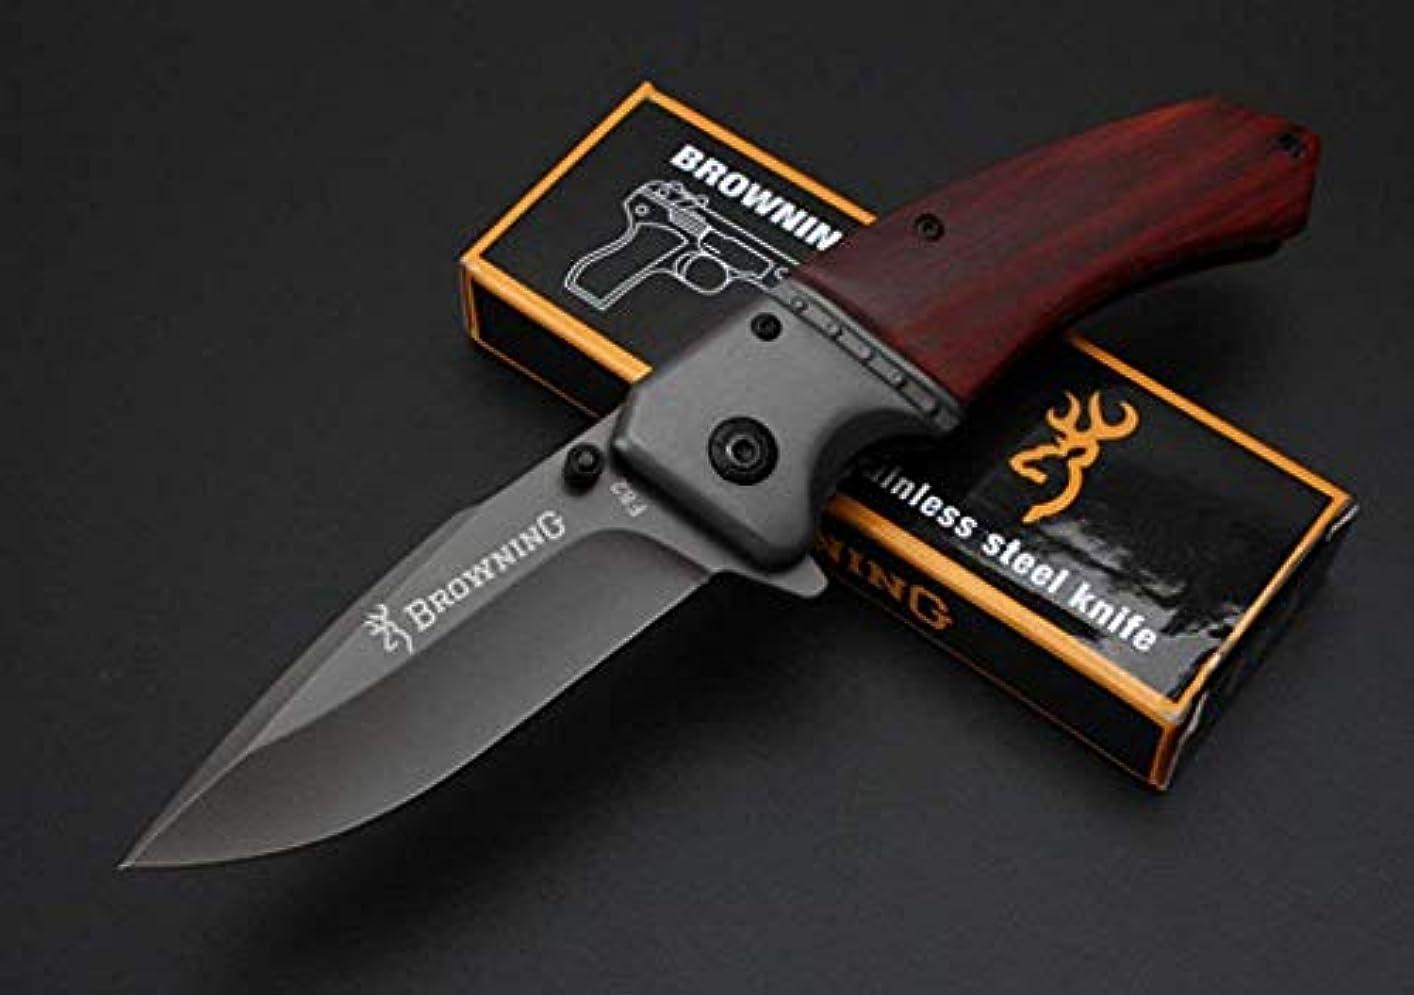 ここに低下苦しみFARDEER KNIFE ナイフ フォールディングナイフサバイバルナイフナイフ アウトドア切れ味良い カッコイイ アウトドア 地震防災用